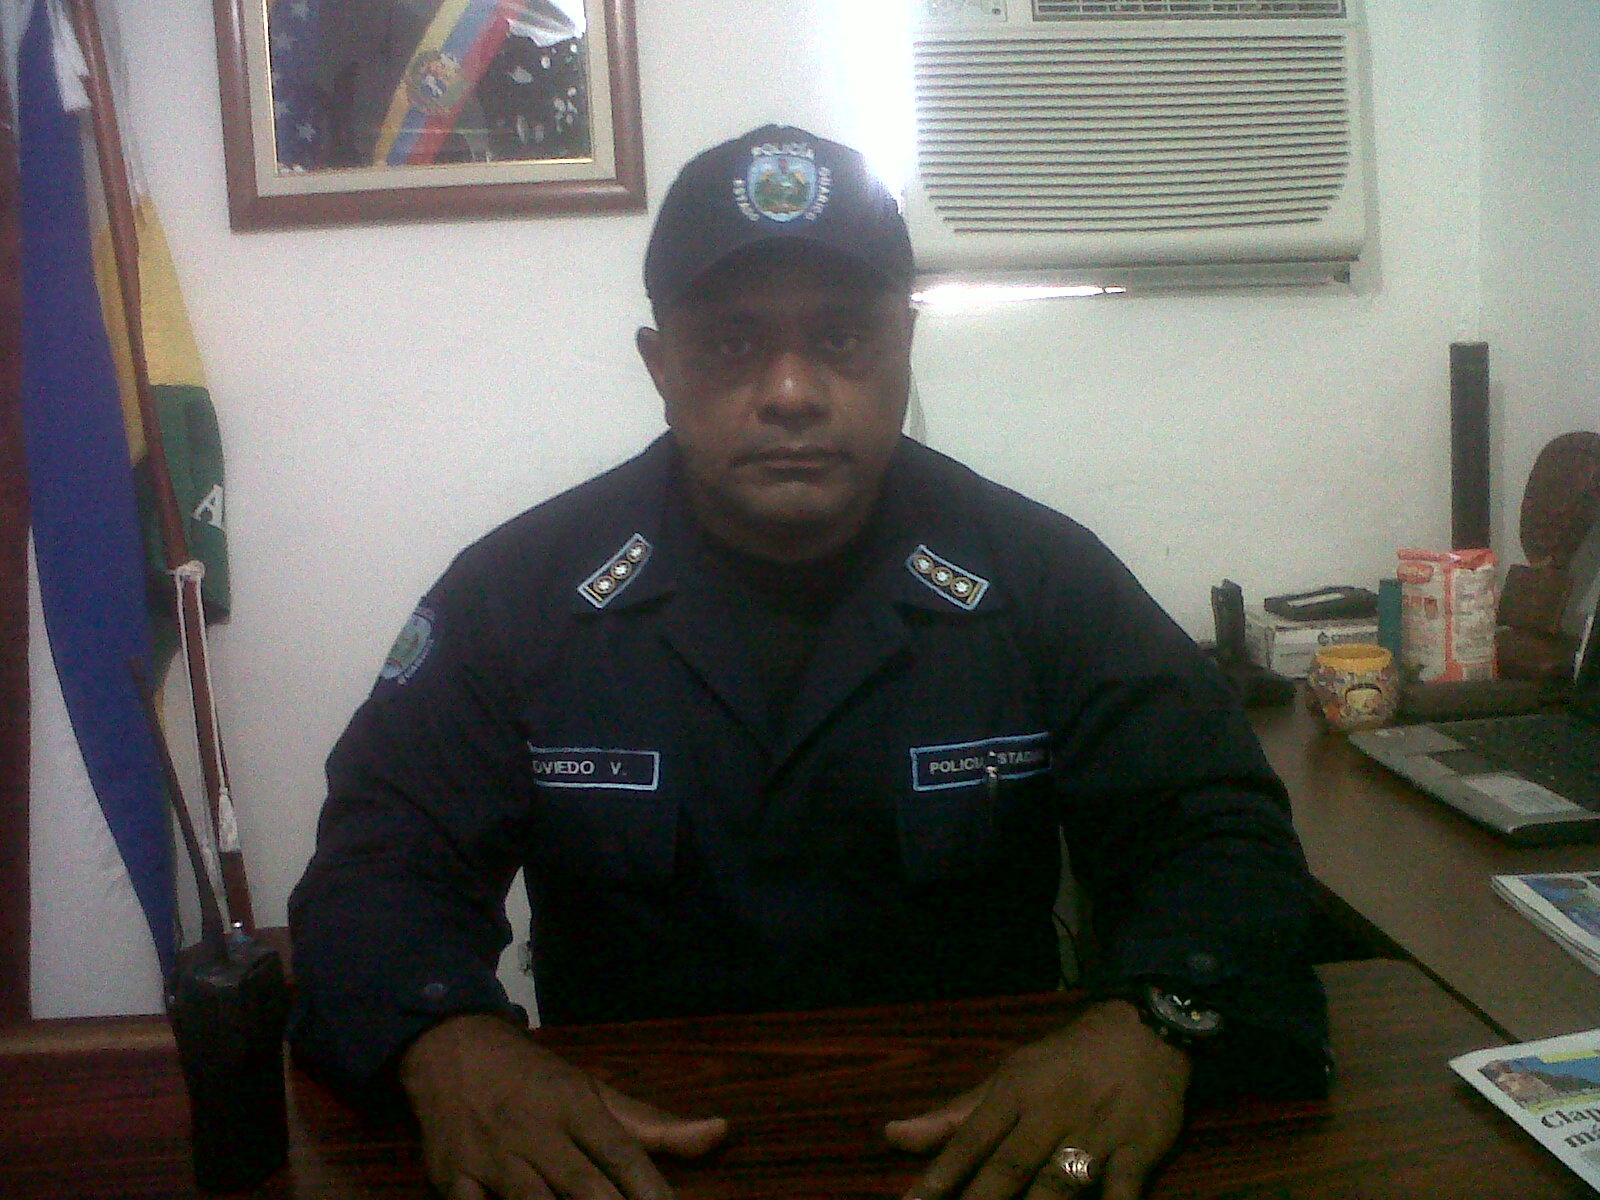 El Supervisor Jefe y director del Centro de Coordinación Policial Numero 4 Vicente Paúl Oviedo al momento de ofrecer la información